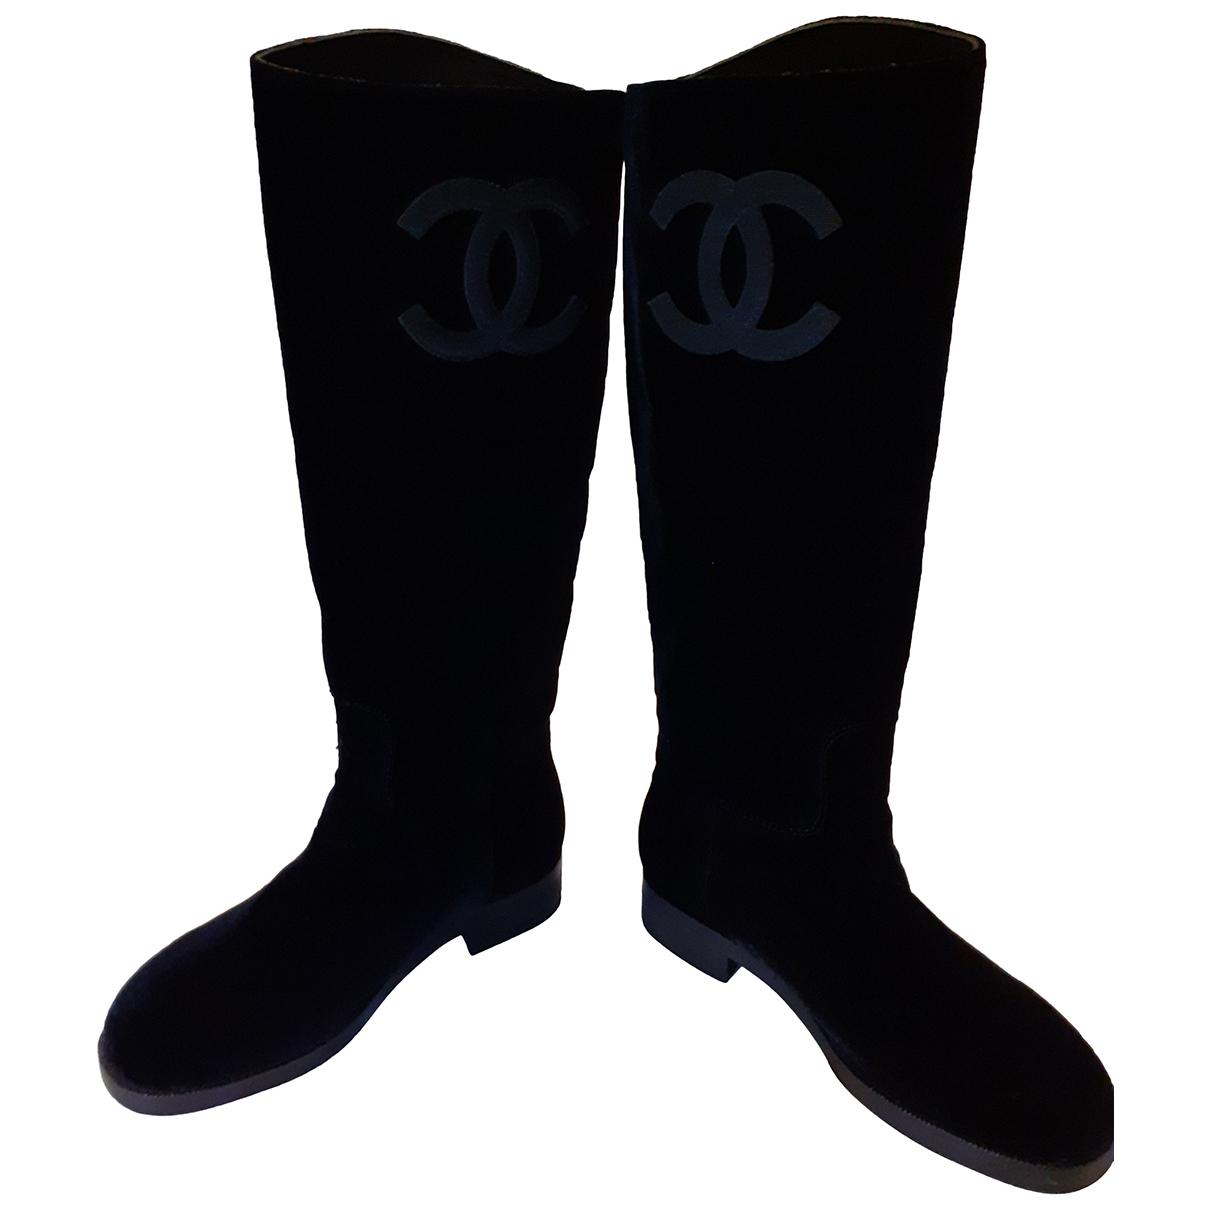 Chanel - Bottes   pour femme en velours - noir